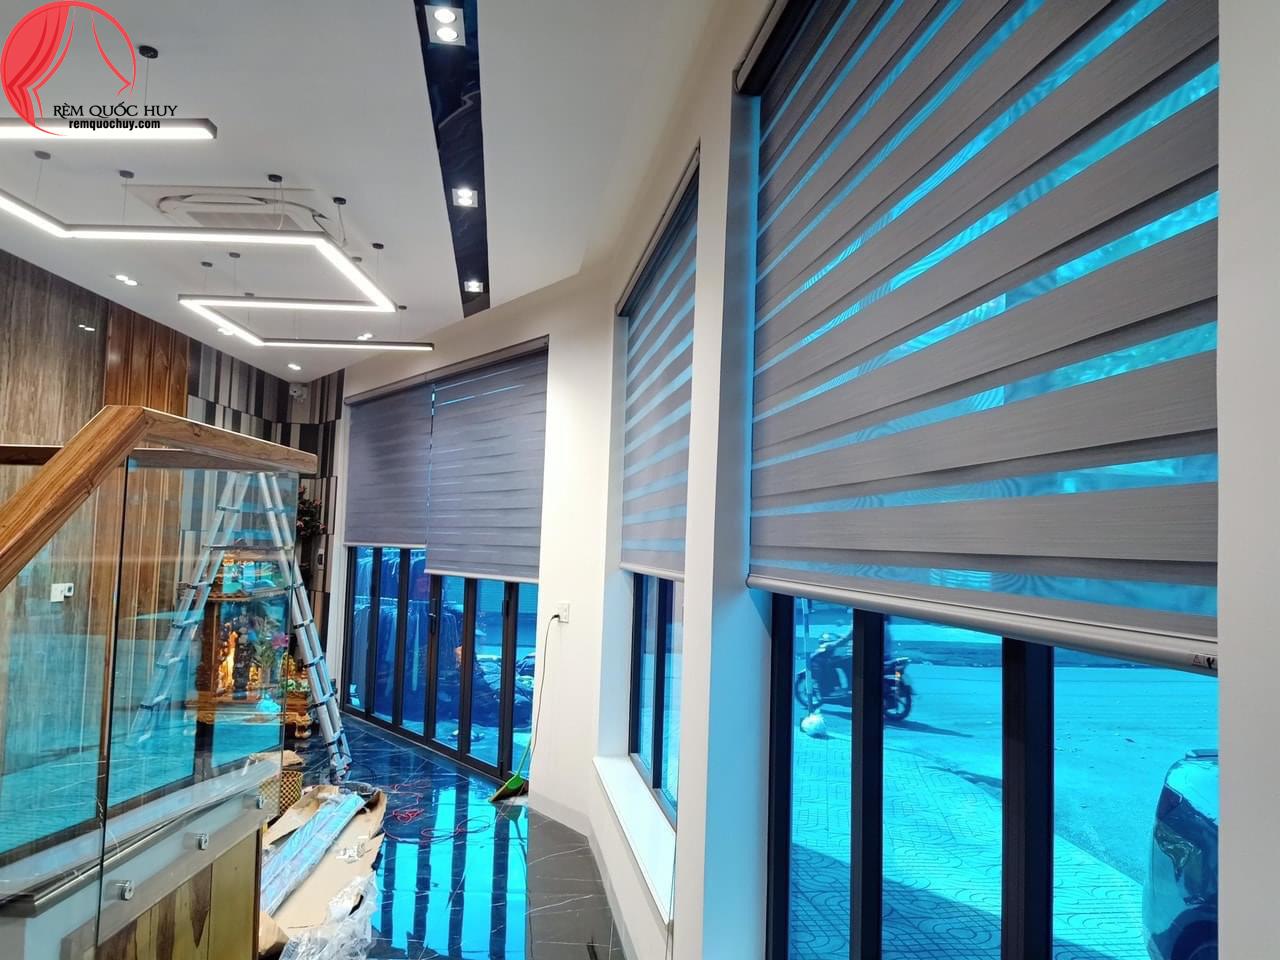 Rèm cầu vồng. Các mẫu rèm cửa sổ đẹp 2021, 2020